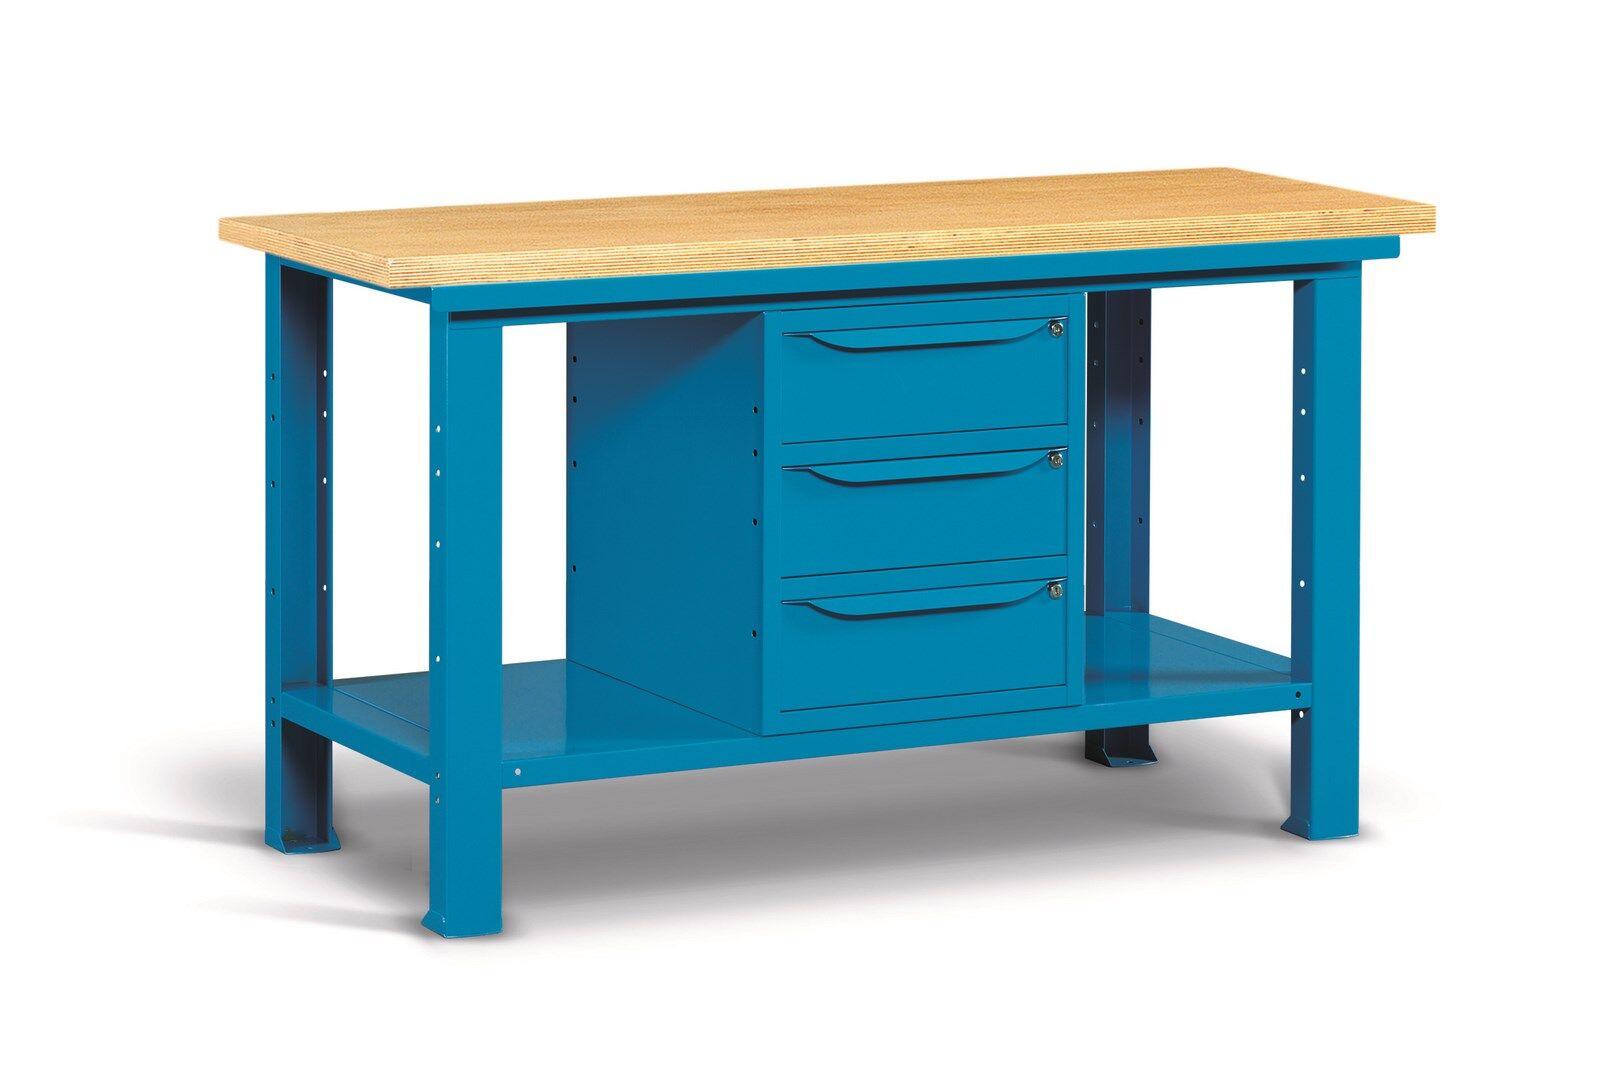 SETAM Etabli d'atelier avec plateau bois et 3 tiroirs 1mètre 50